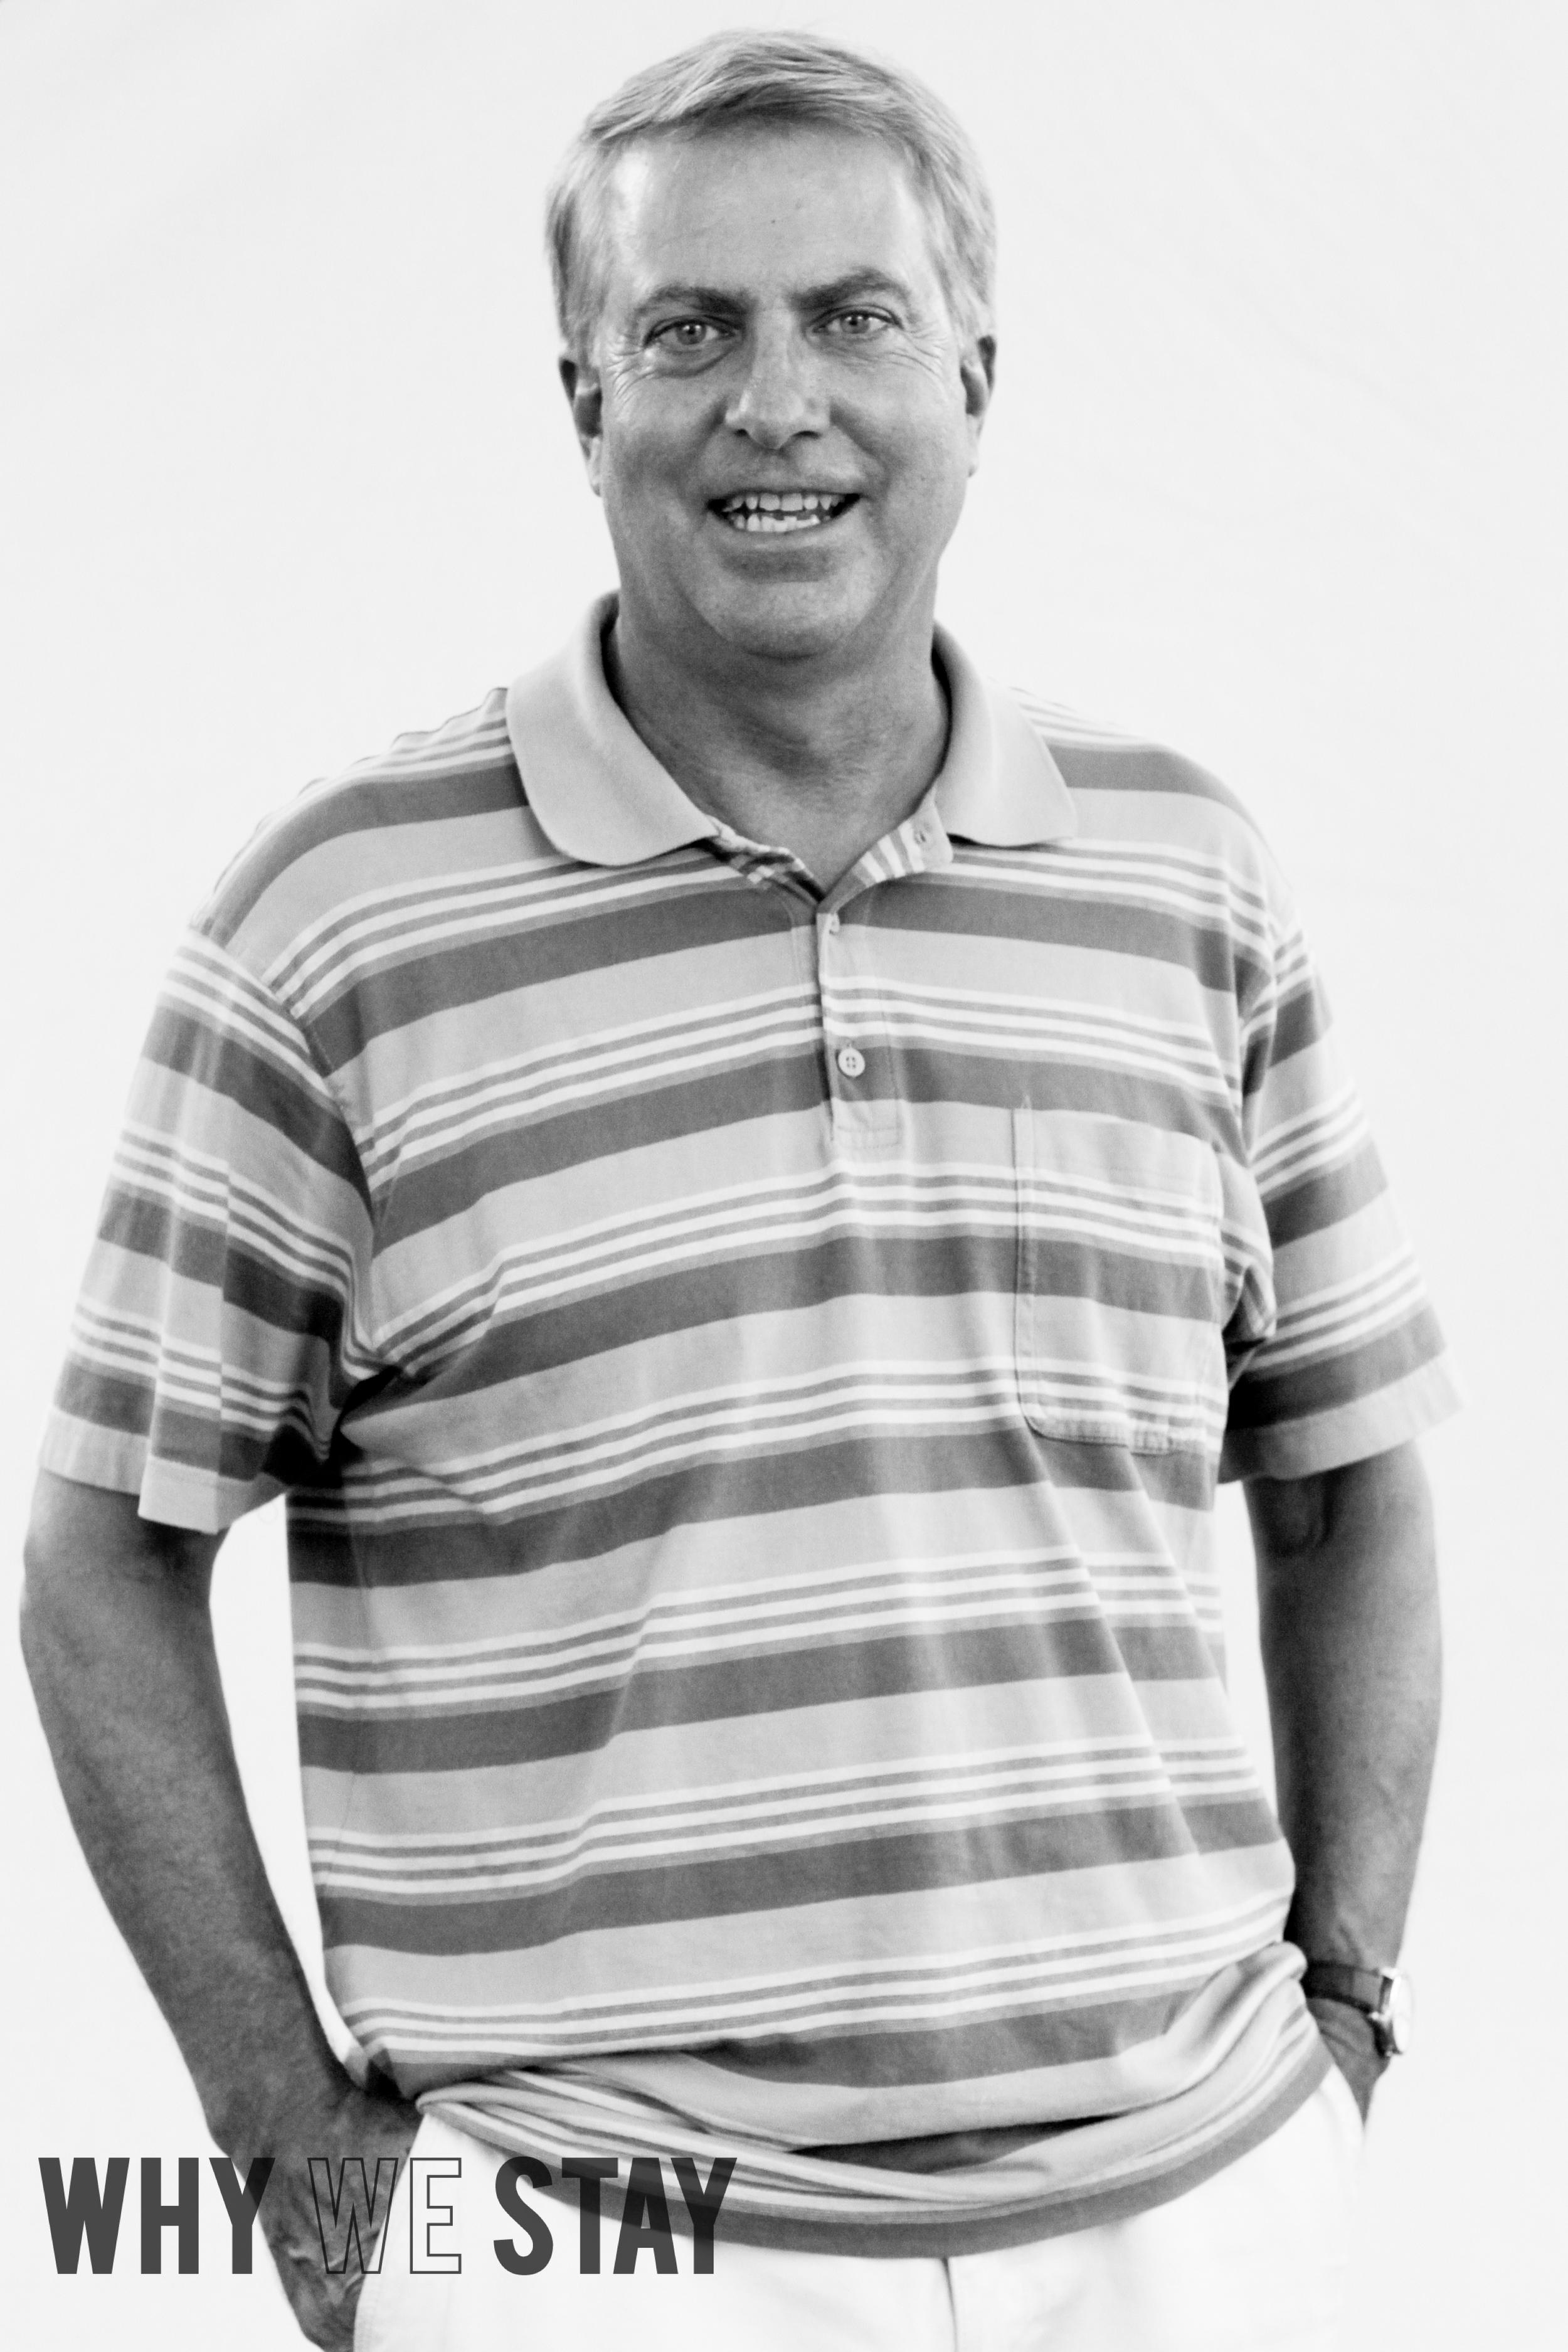 Rob Caron